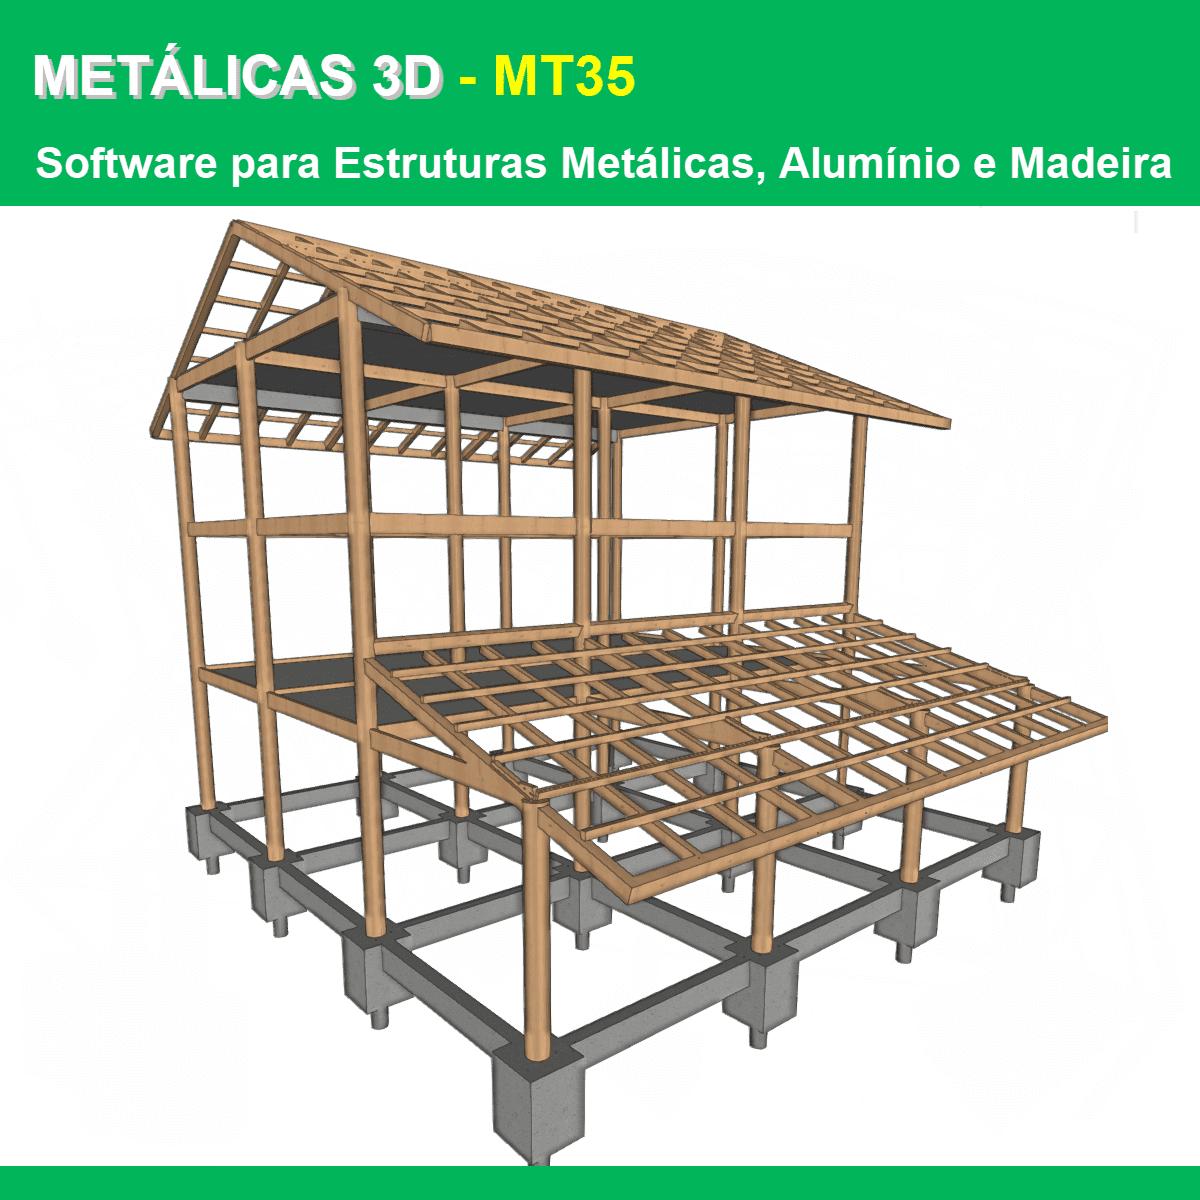 Software Metálicas 3D MT35 versão 2021 (Licença Eletrônica) incluindo Núcleo Básico, Sapatas, Blocos sobre Estacas, Placas de Base, Resistência ao Fogo e Estruturas de Madeira  - MULTIPLUS SOFTWARES